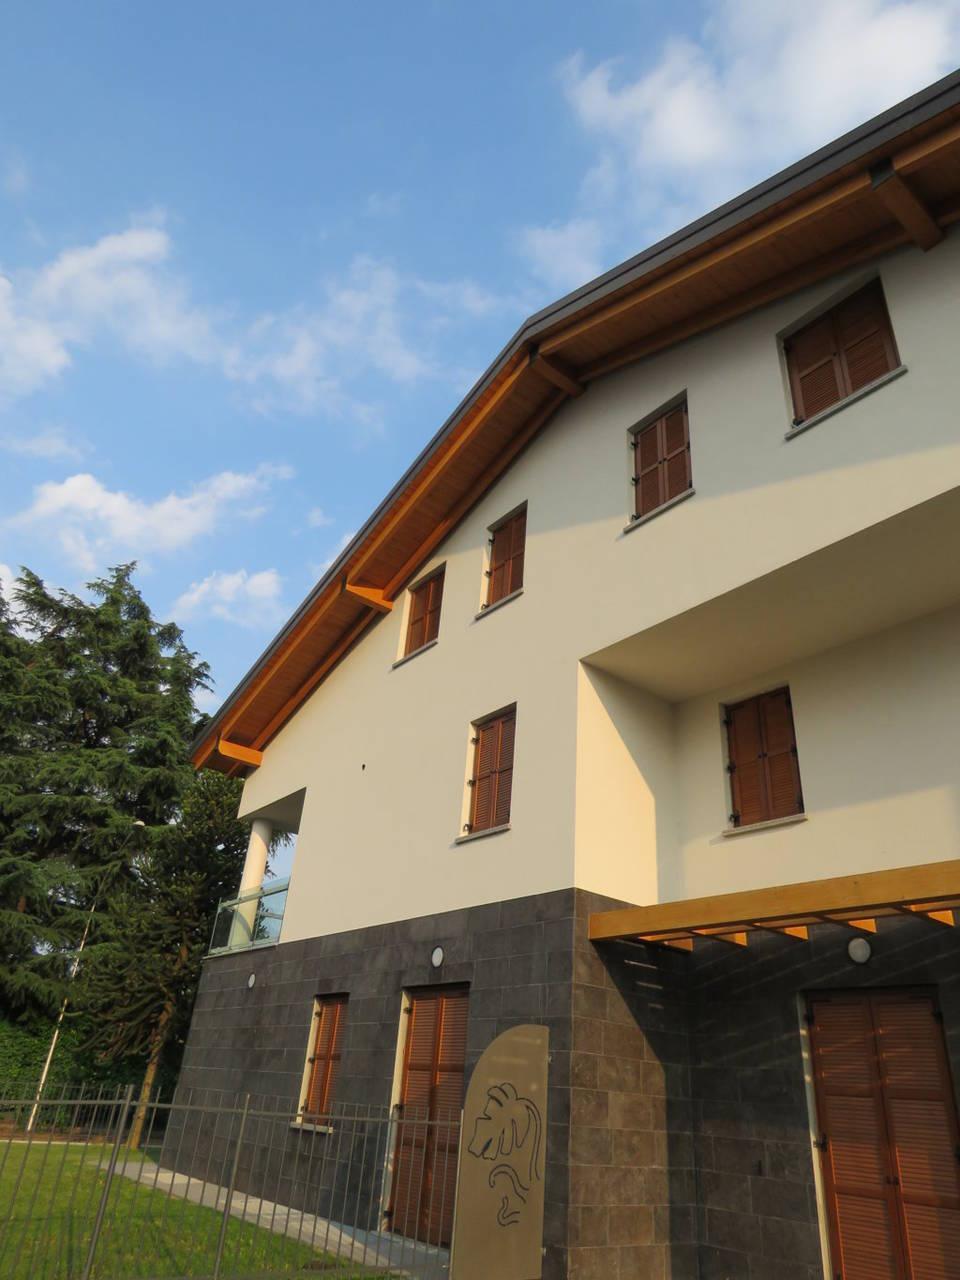 Case-nuove-in-vendita-in-Burago-di-Molgora-Monza-Brianza-9